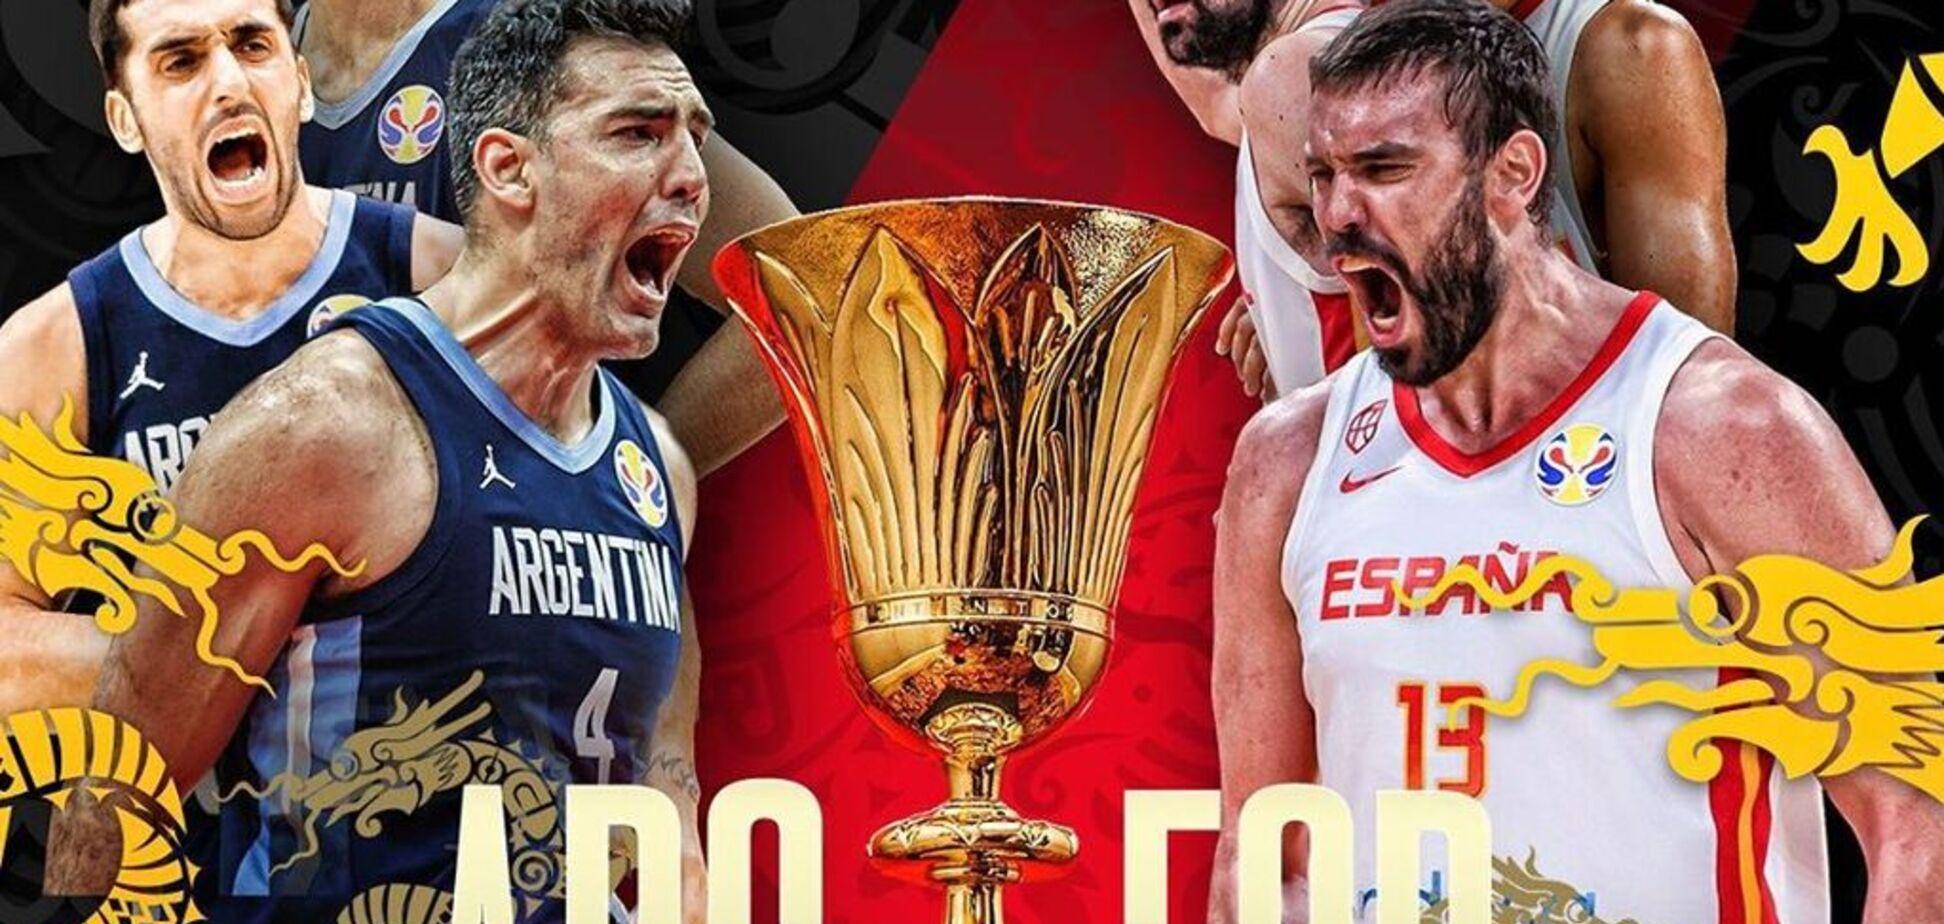 Де дивитися фінал чемпіонату світу з баскетболу: розклад трансляцій